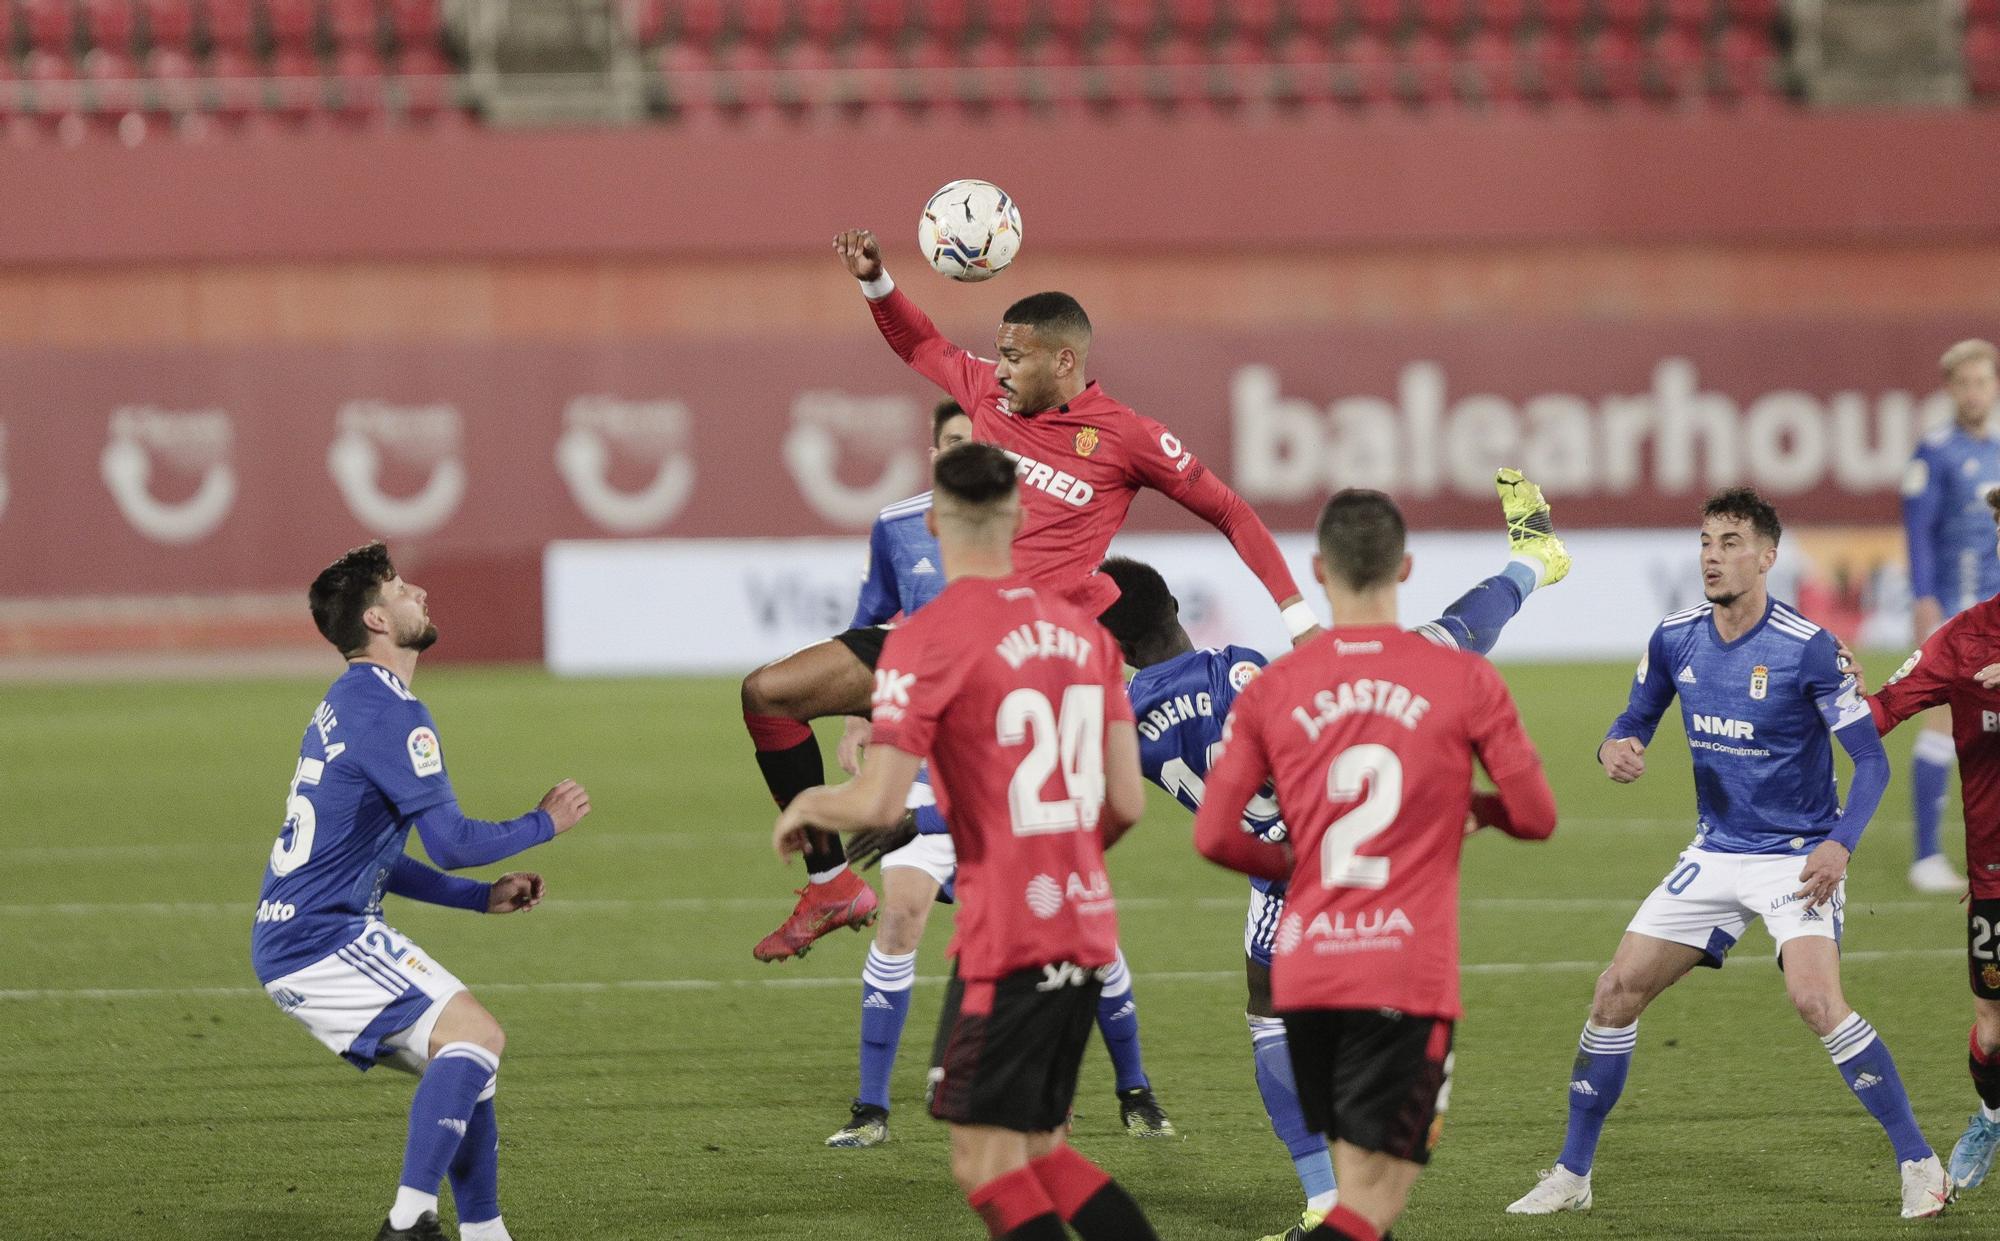 Real Mallorca - Oviedo